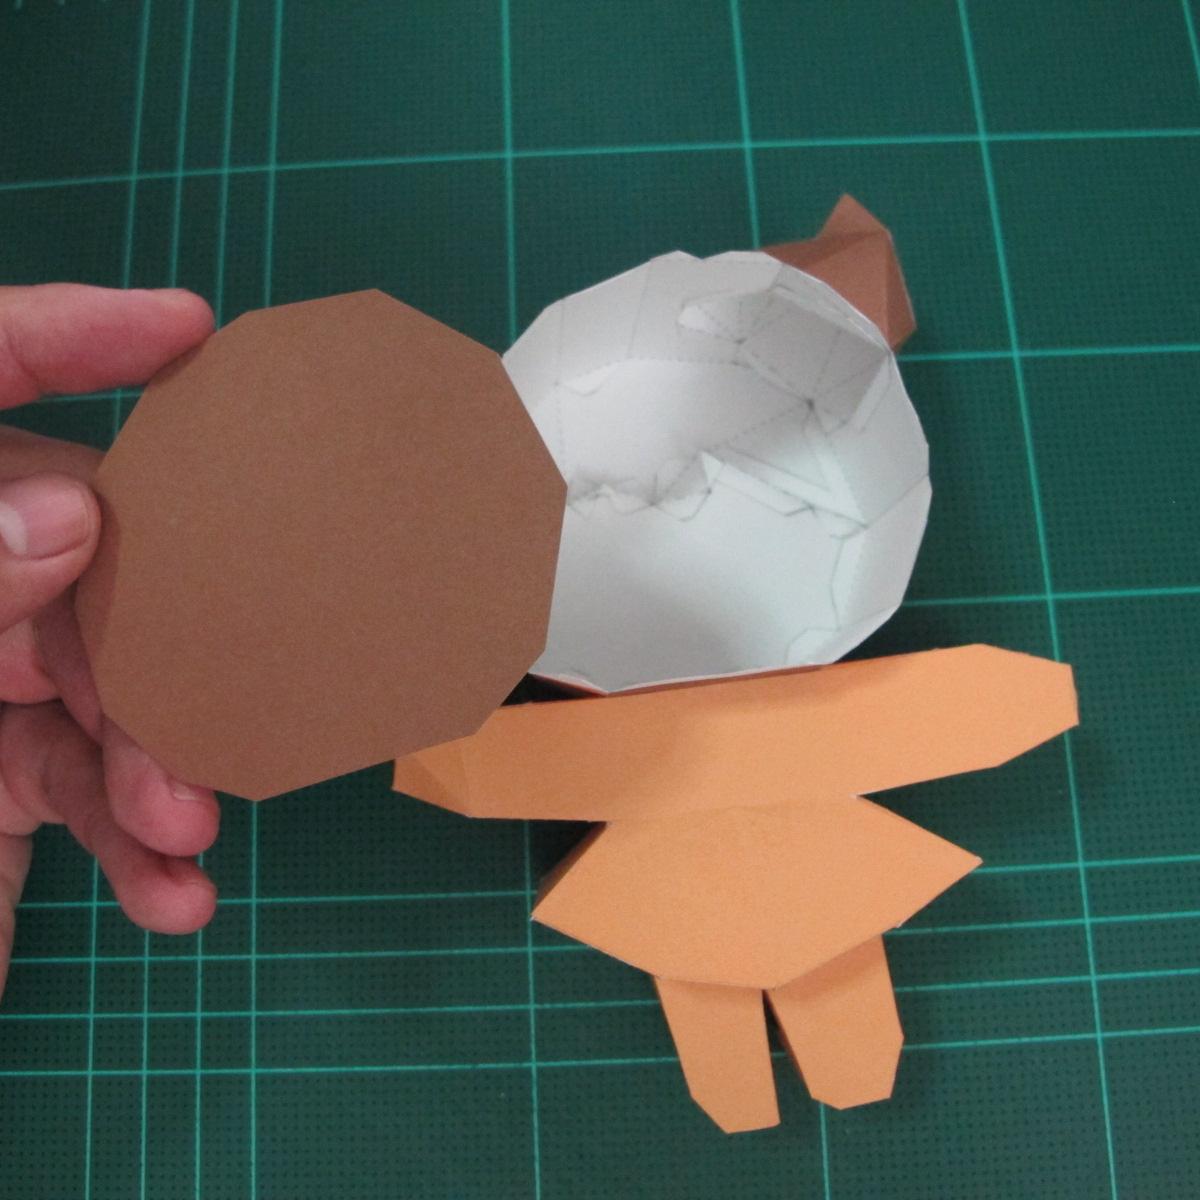 วิธีทำโมเดลกระดาษตุ้กตา คุกกี้สาวผู้ร่าเริง จากเกมส์คุกกี้รัน (LINE Cookie Run – Bright Cookie Papercraft Model) 024